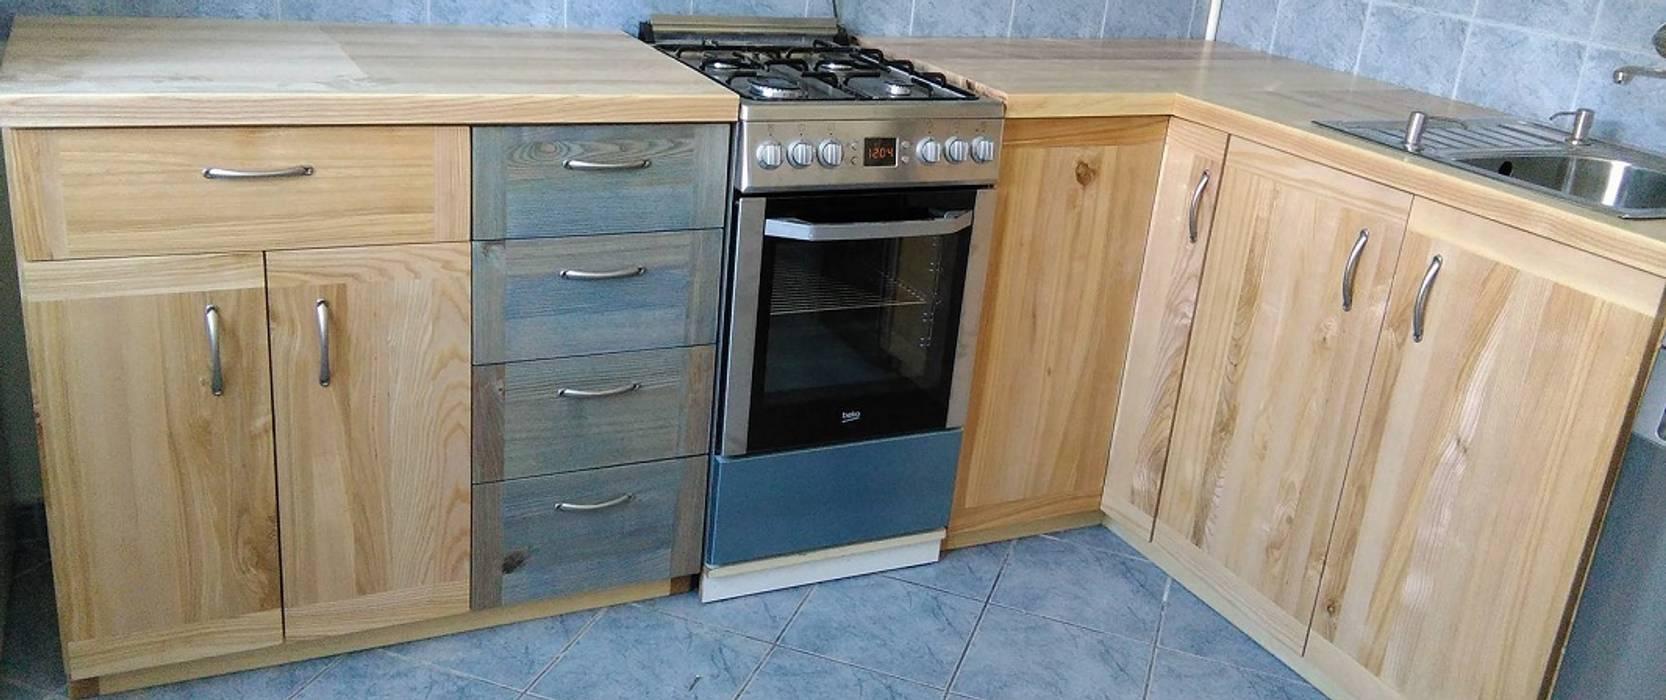 Meble Kuchenne Jesionowe Styl W Kategorii Kuchnia Zaprojektowany